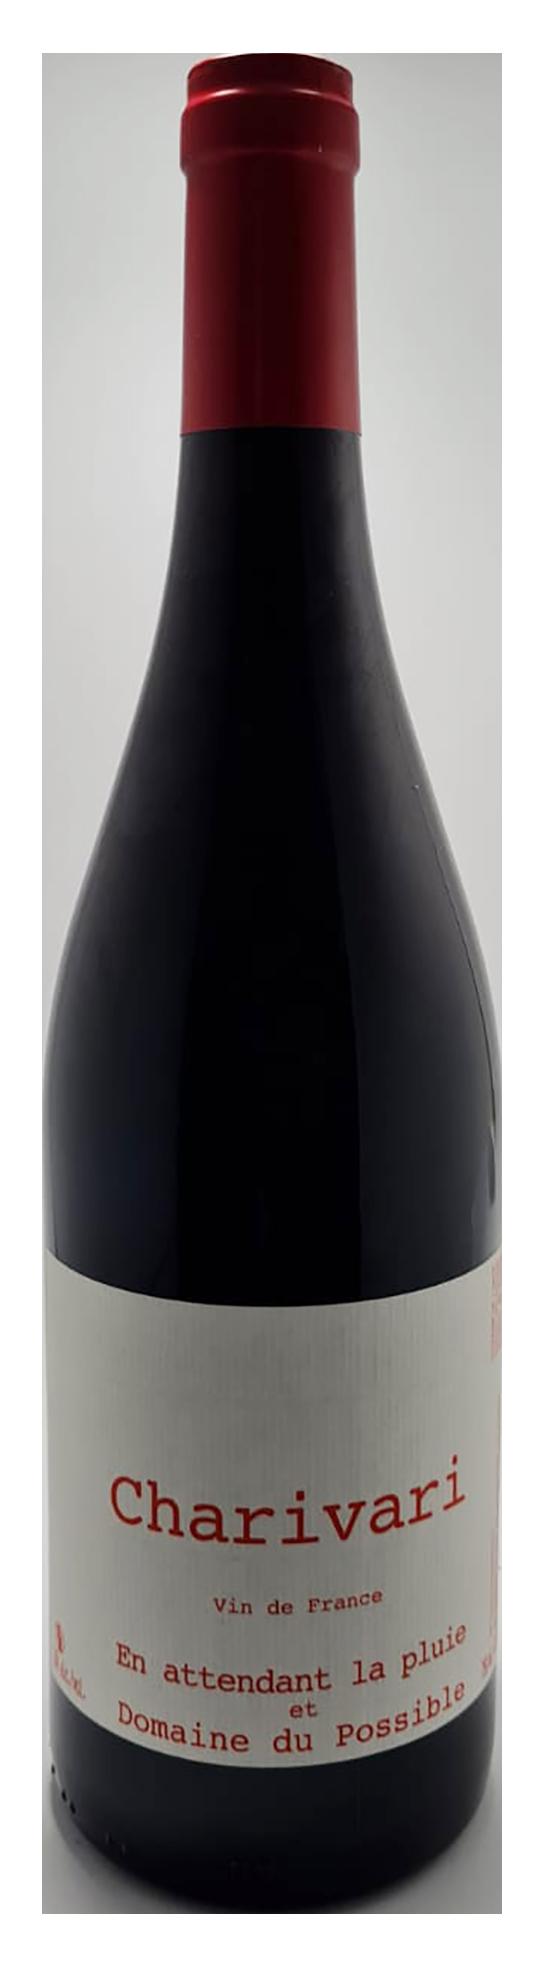 bouteille de vin rouge naturel du roussillon, cuvée charivari 2020, domaine du possible